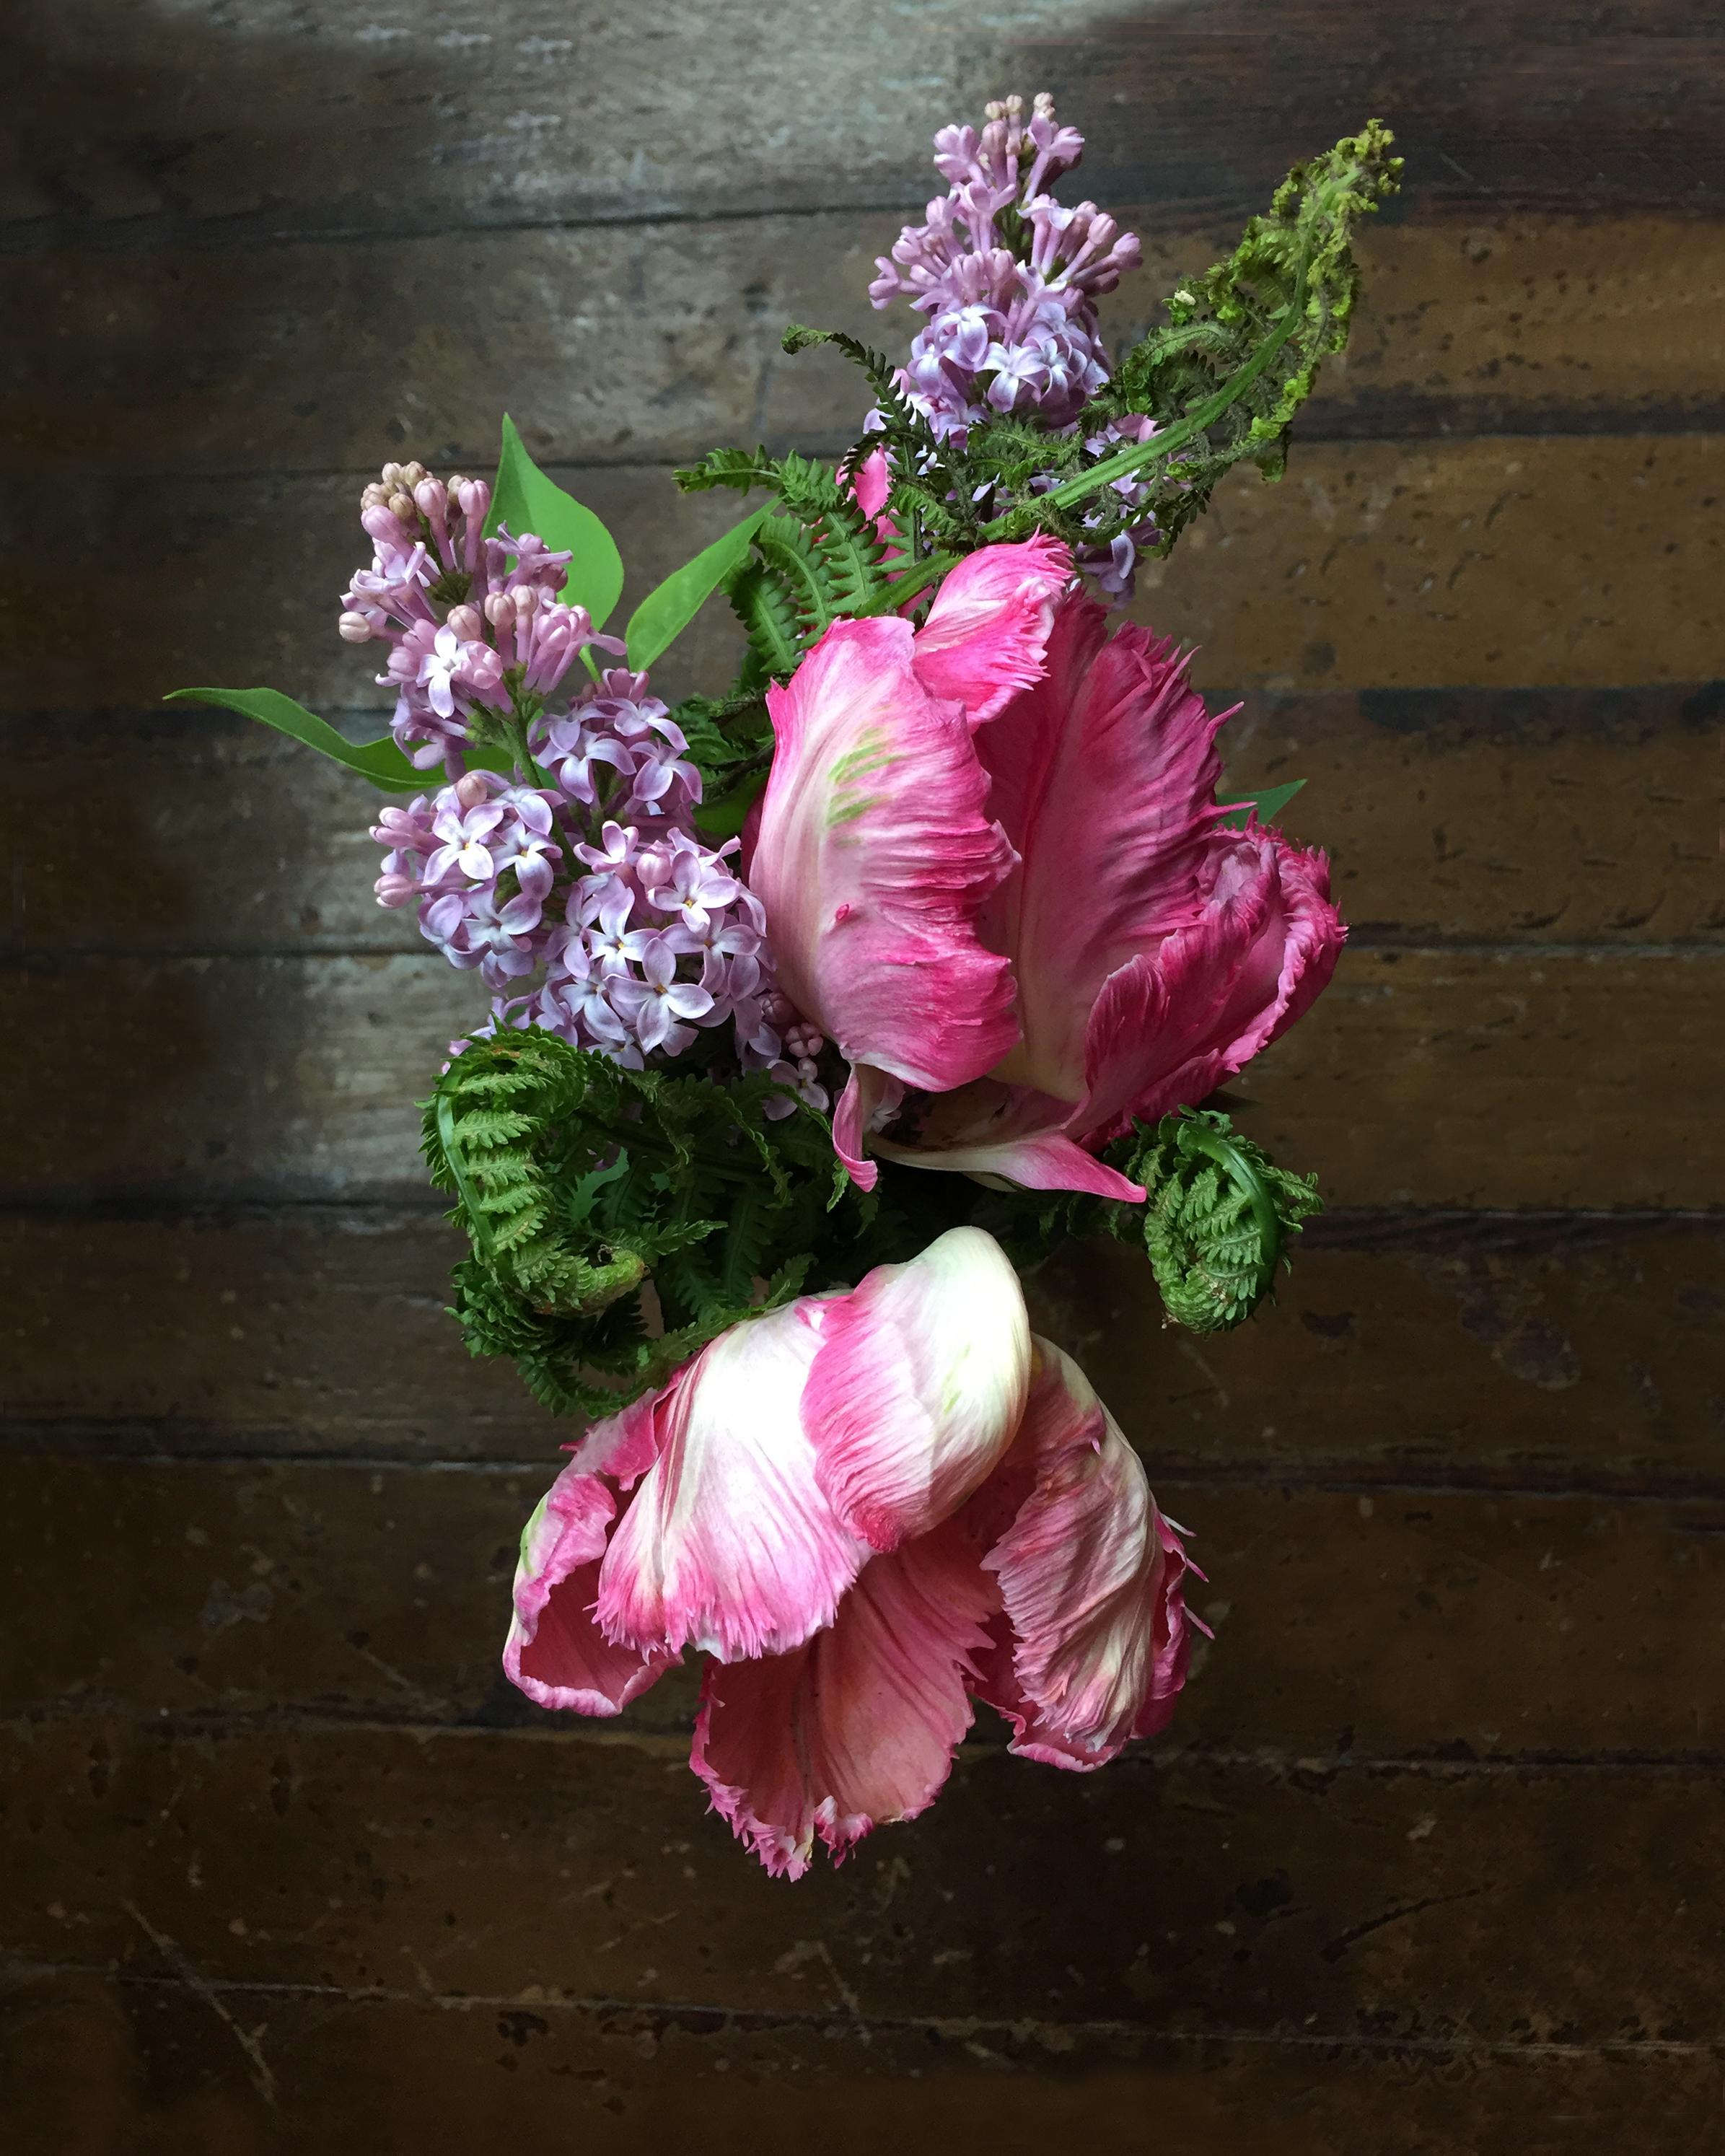 Apt2-flowers.jpg